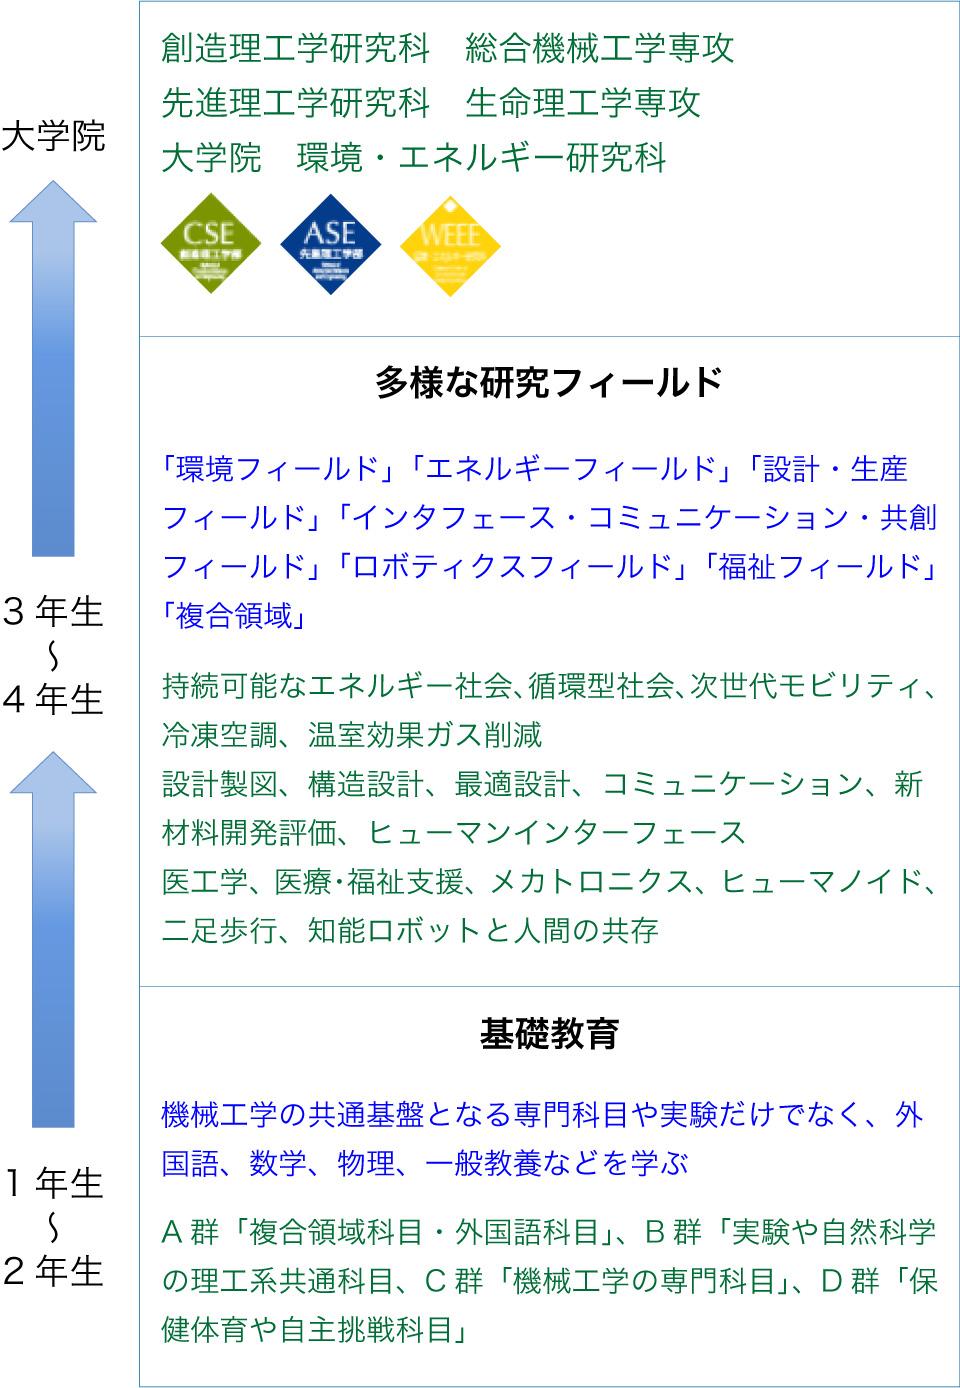 コース説明